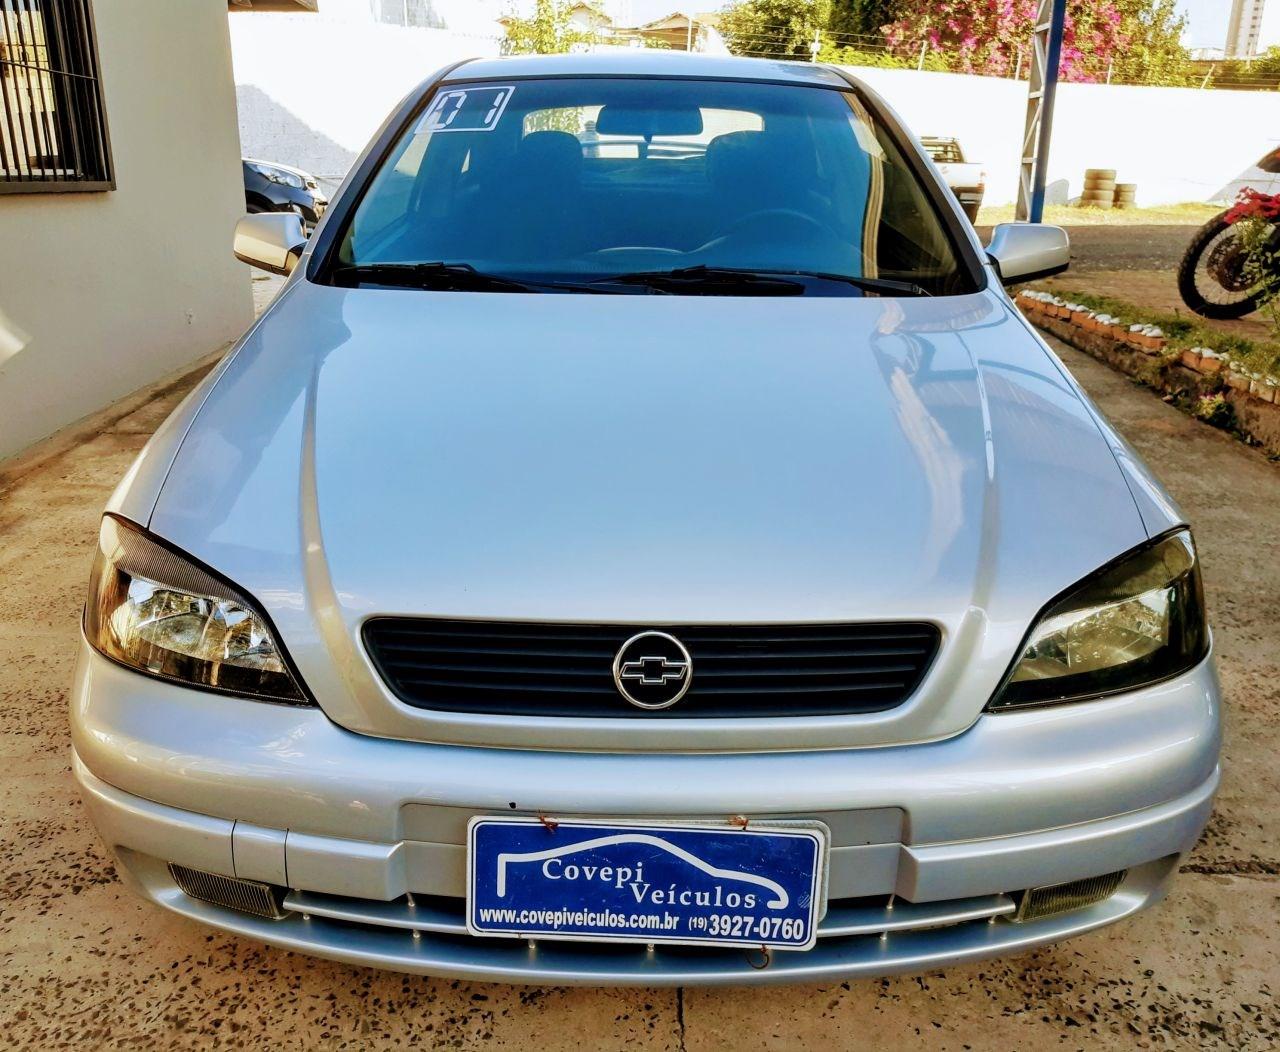 //www.autoline.com.br/carro/chevrolet/astra-18-hatch-gl-8v-gasolina-2p-manual/2001/piracicaba-sp/14569009